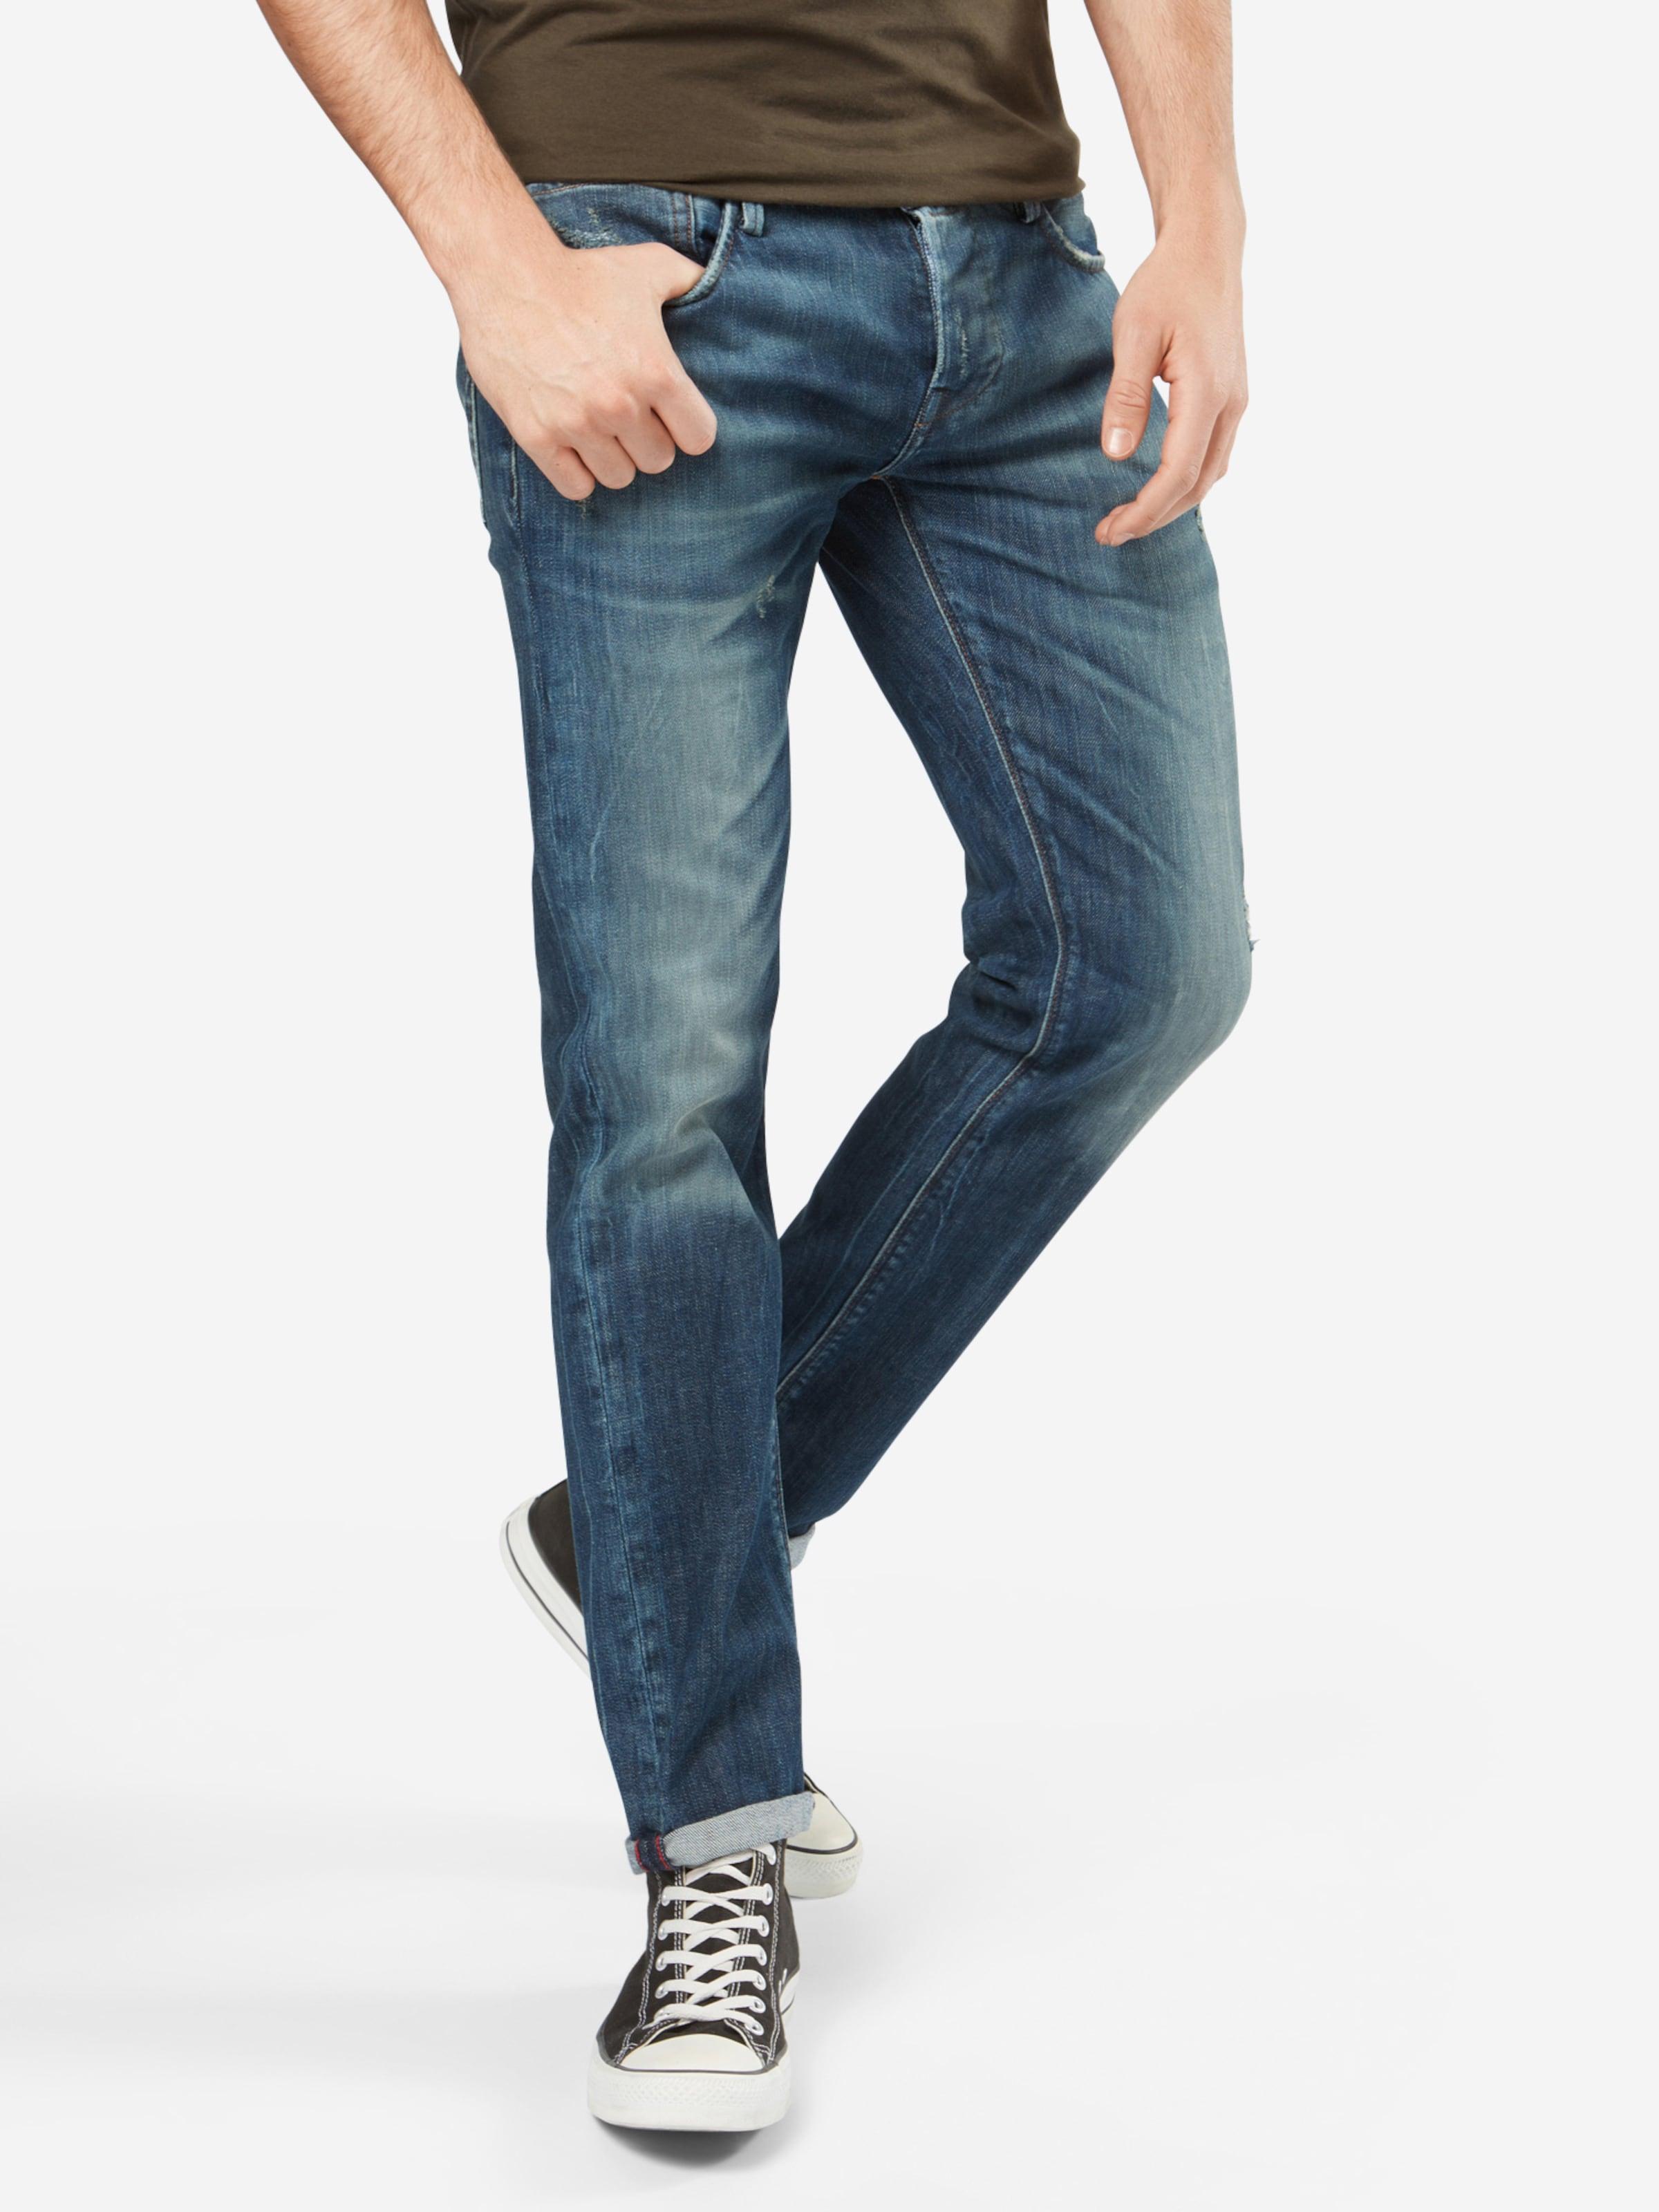 Pepe Jeans Jeans in Used-Optik 'Hatch' Versorgung Verkauf Online Günstige Spielraum Store Frei Versandkosten Rabatt Authentische Online Versand Rabatt Verkauf b0w9YprKhn